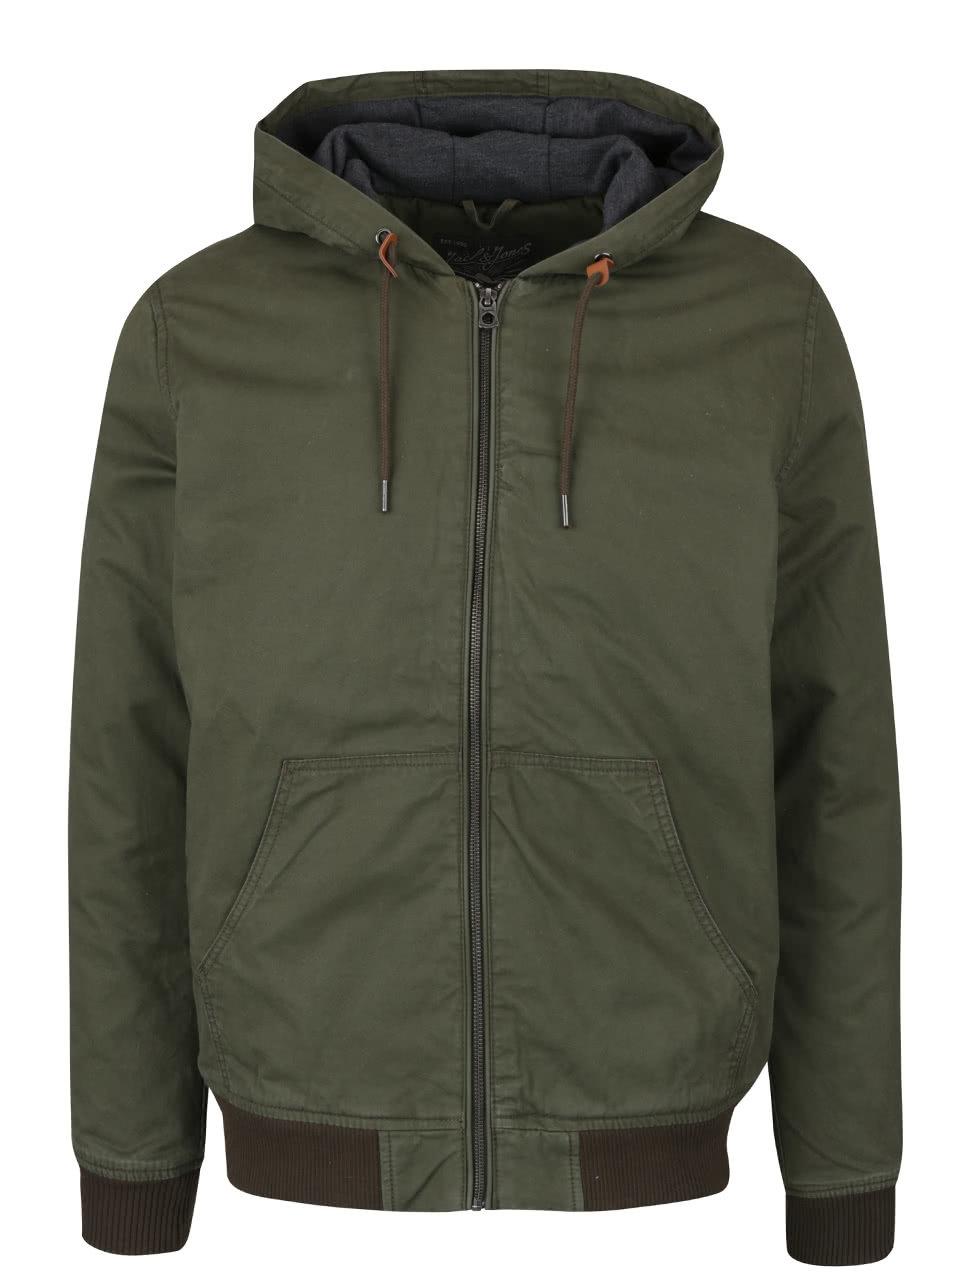 6296c1d8b90 Tmavě zelená bunda s kapucí Jack   Jones High ...